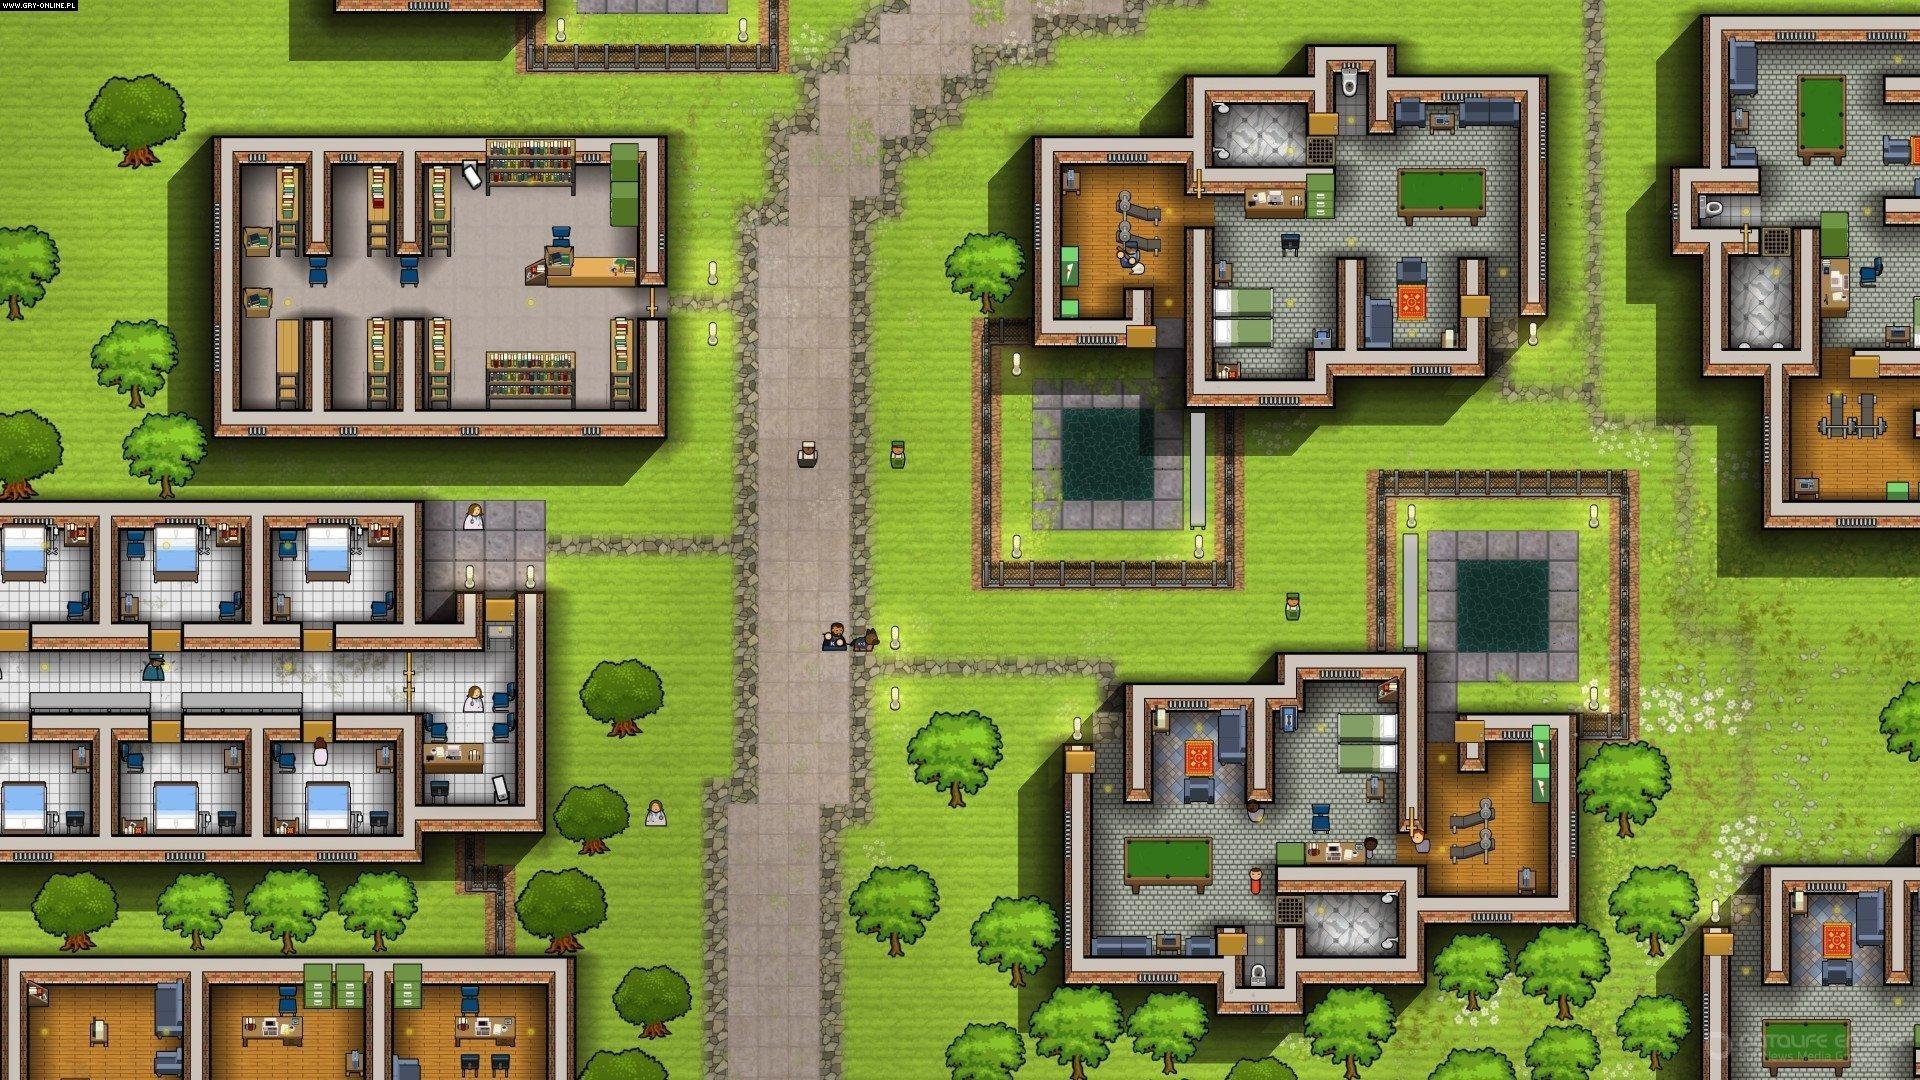 Скриншот к игре Prison Architect (r5352) [GOG] (2015) скачать торрент Лицензия